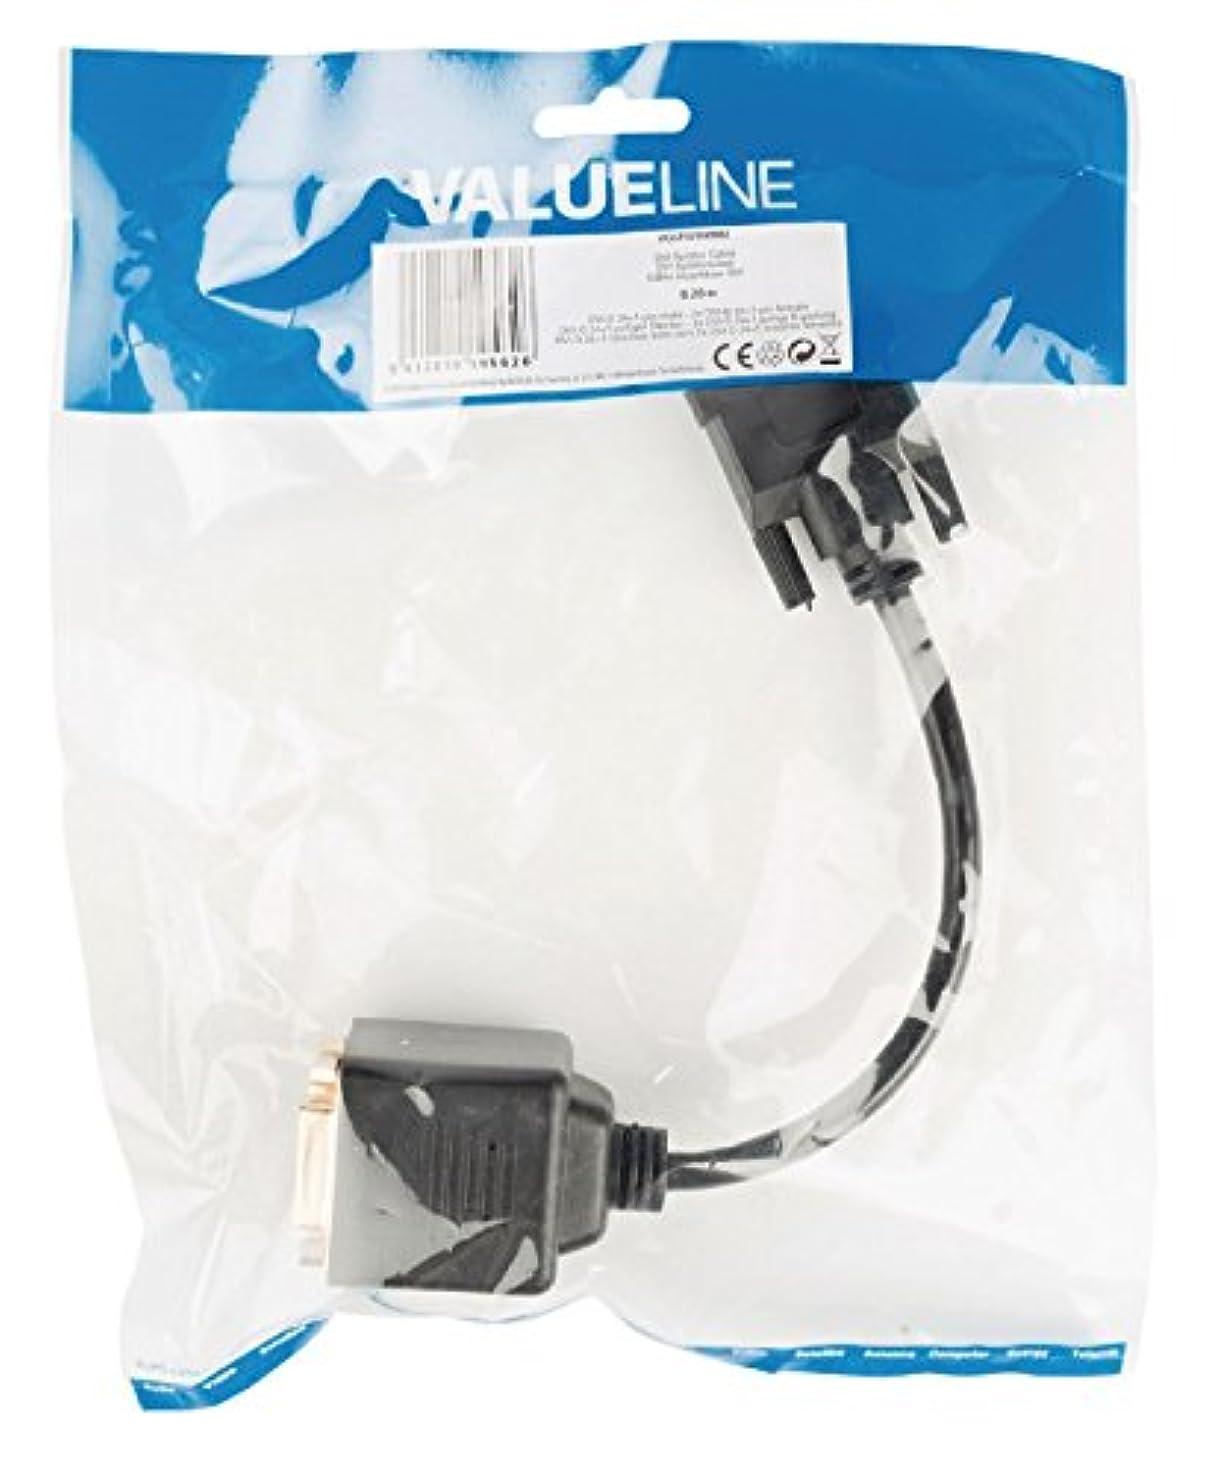 ハイブリッド海港路面電車VALUELINE DVIスプリッタケーブルDVI - D 24 + 1-pin male-2 X DVI - D 24 + 1-pinメス0.20 Mブラック[ vgcp32950b02 ]